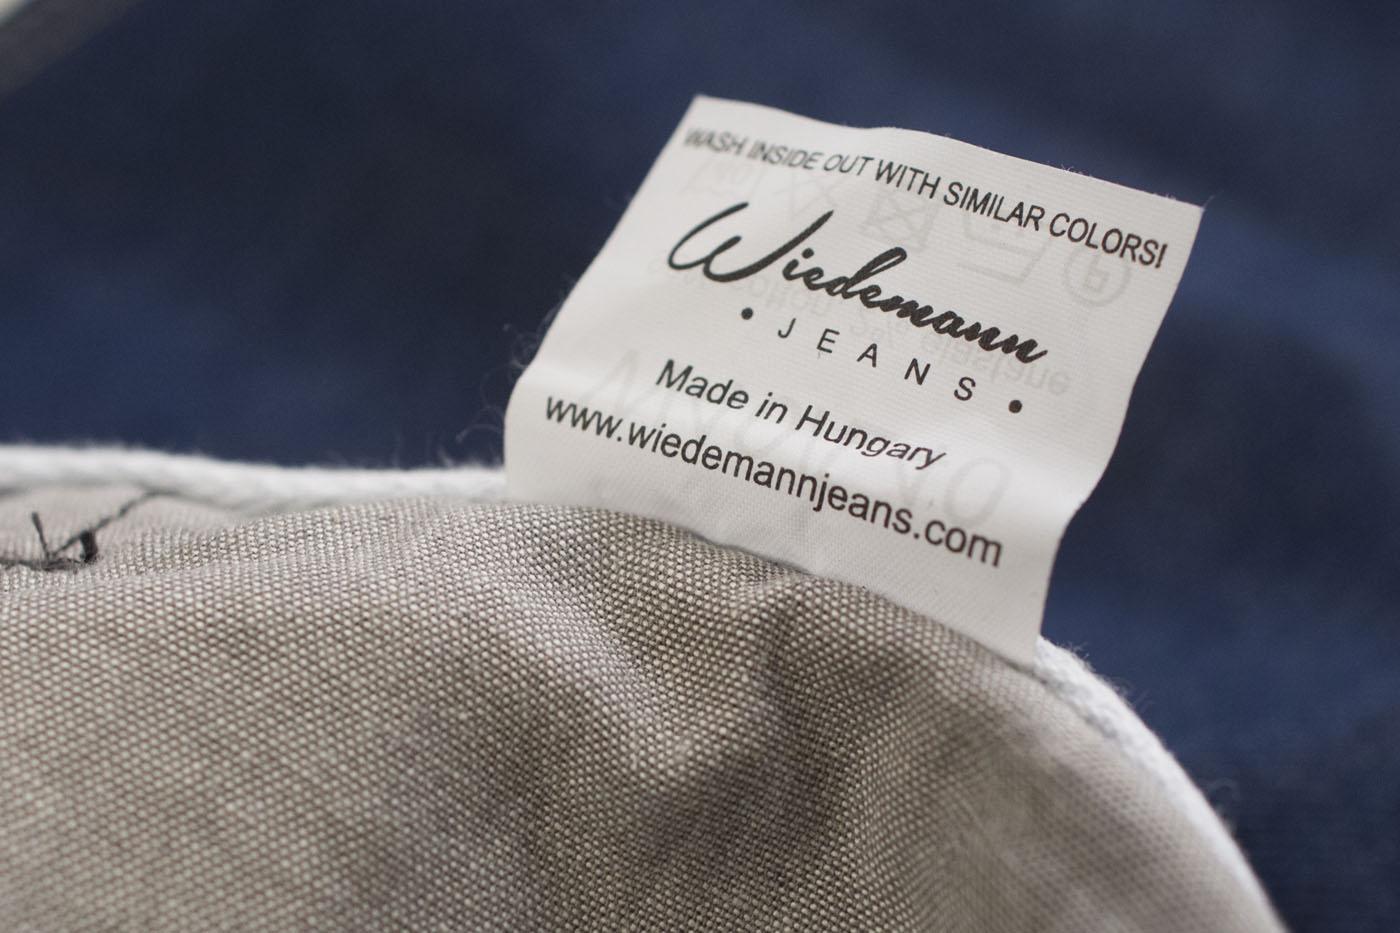 wiedemann-jeans-tallmen-00015